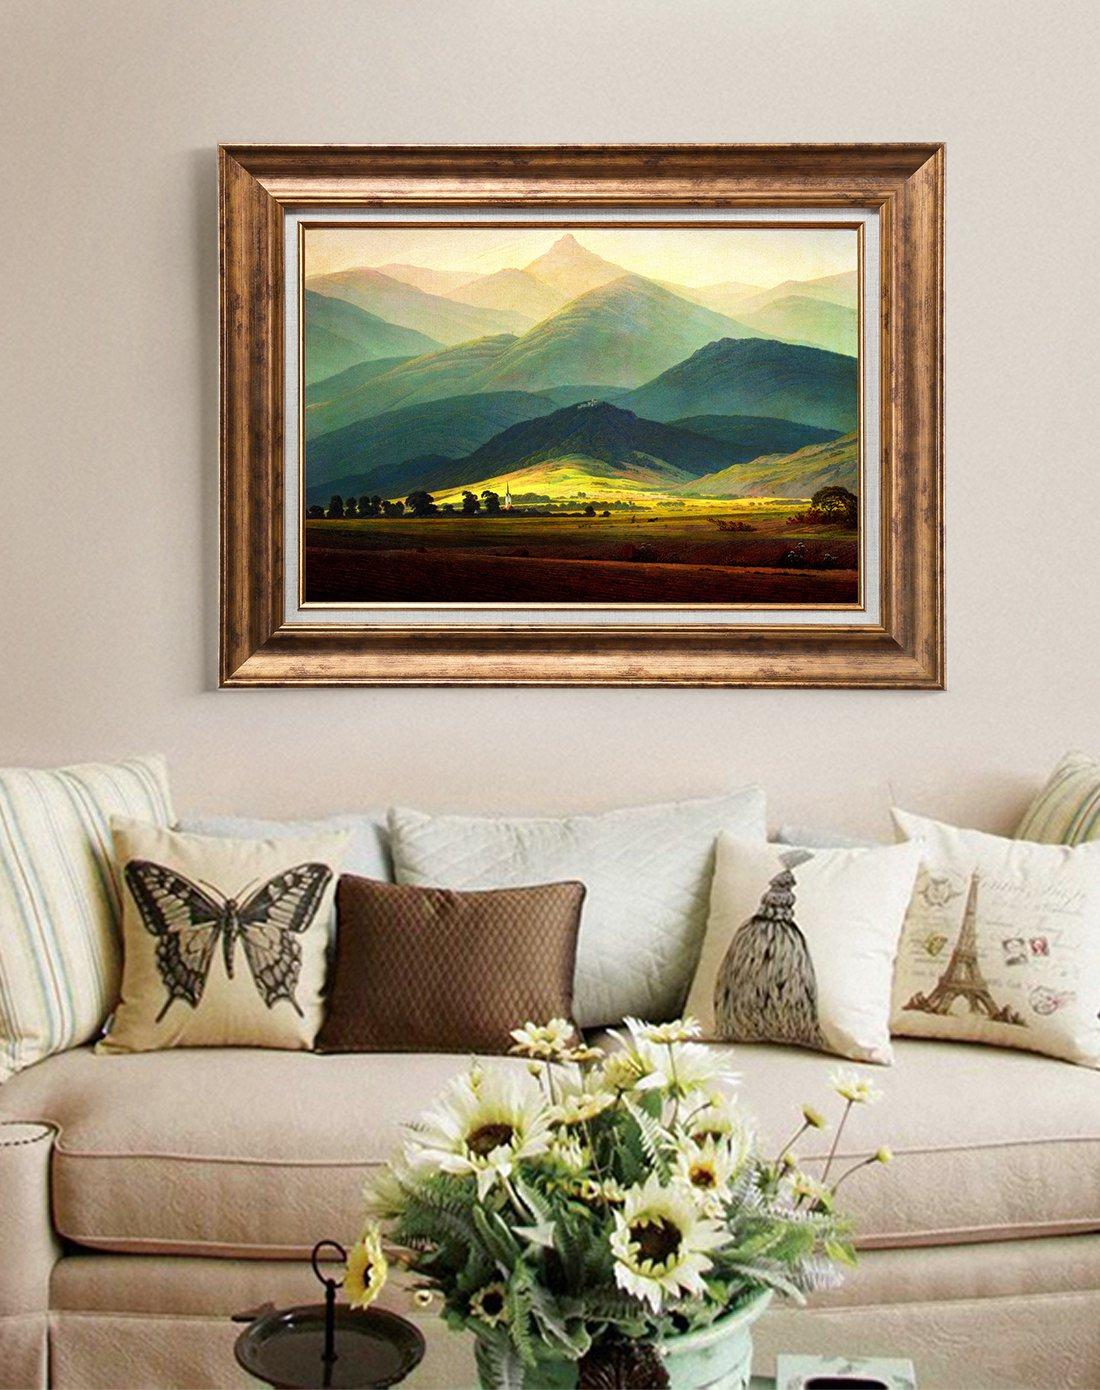 100*80单幅 巨人山 背有靠山欧式大气沙发背景装饰画客厅装饰画客厅